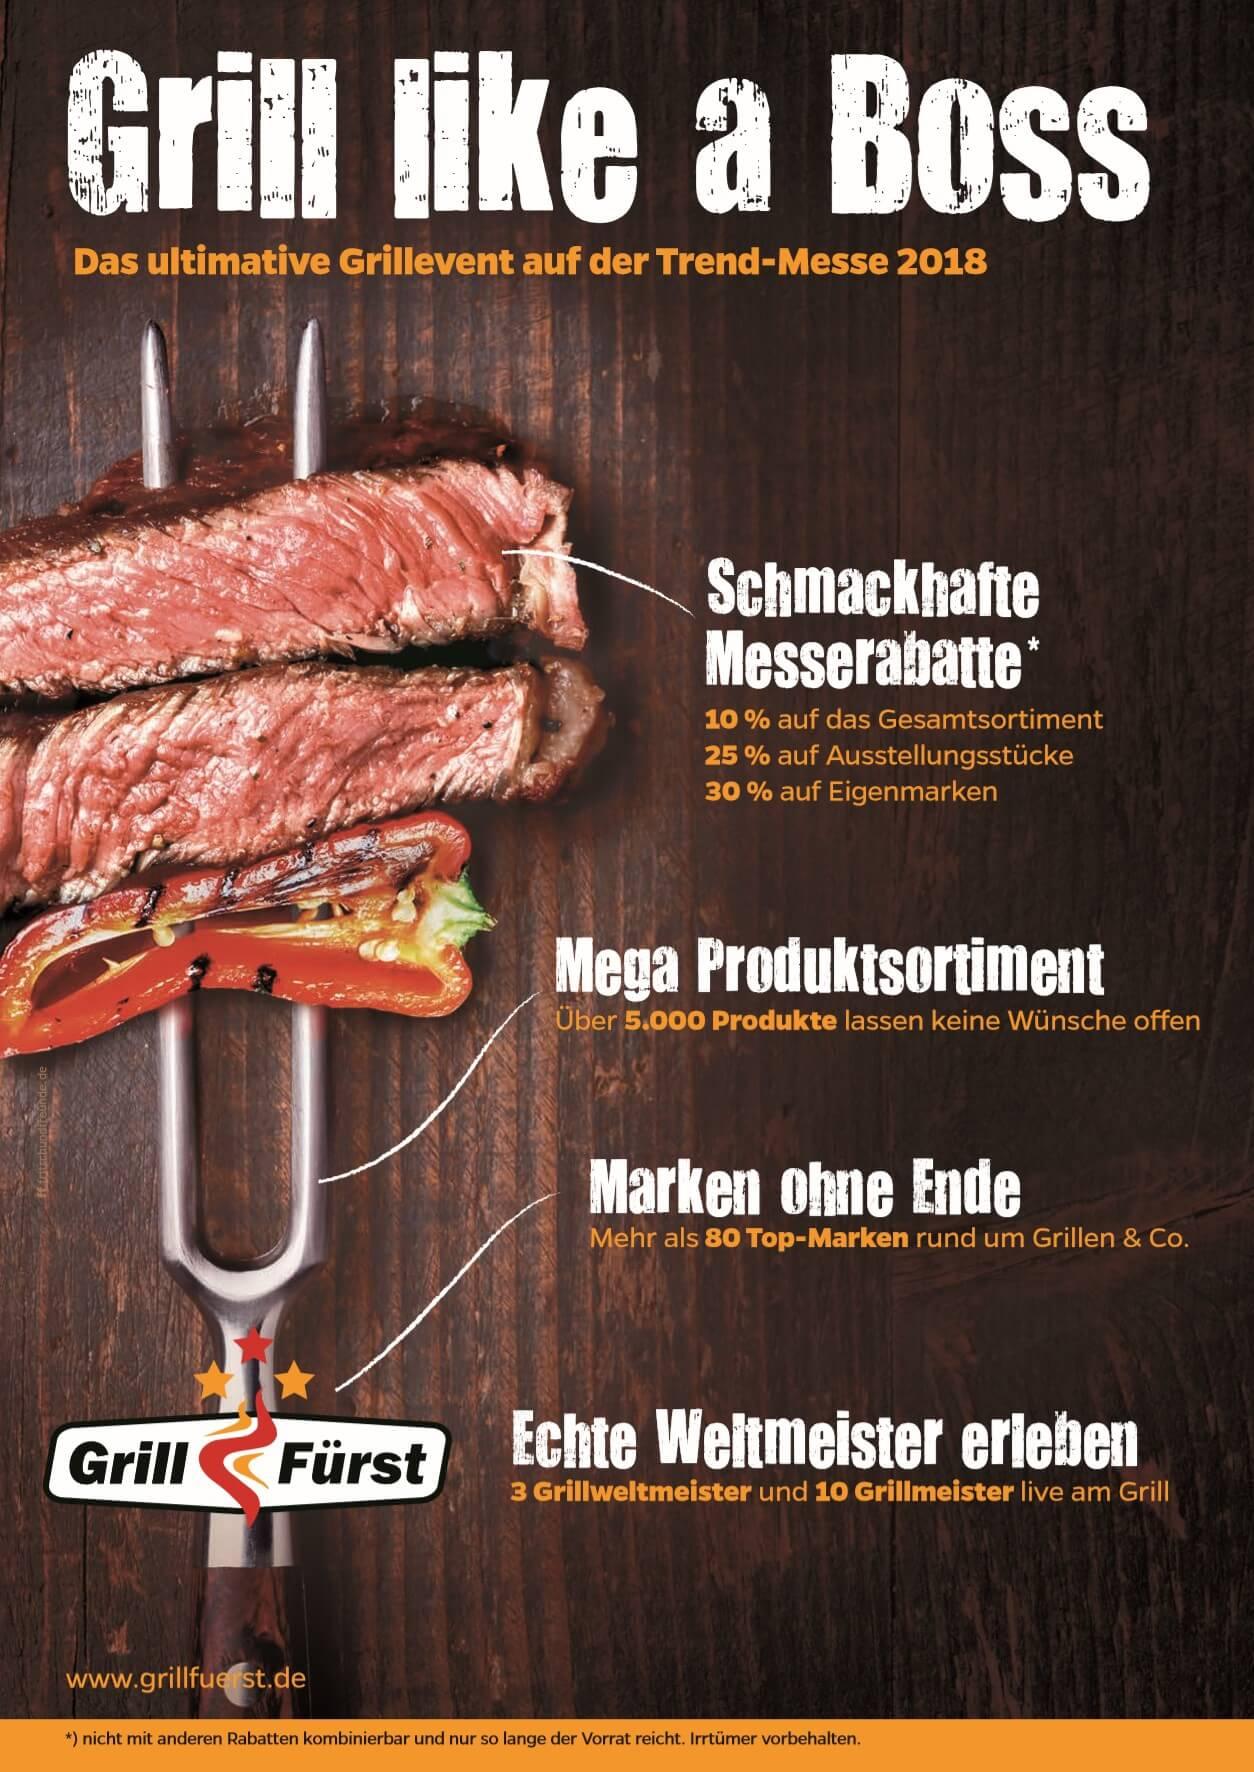 Grillfürst Grillmesse 2018 grillfürst grillmesse 2018-GrillfuerstTrendmesse2018Fulda-Grillfürst Grillmesse 2018 auf der Trendmesse in Fulda vom 15.-18.03.